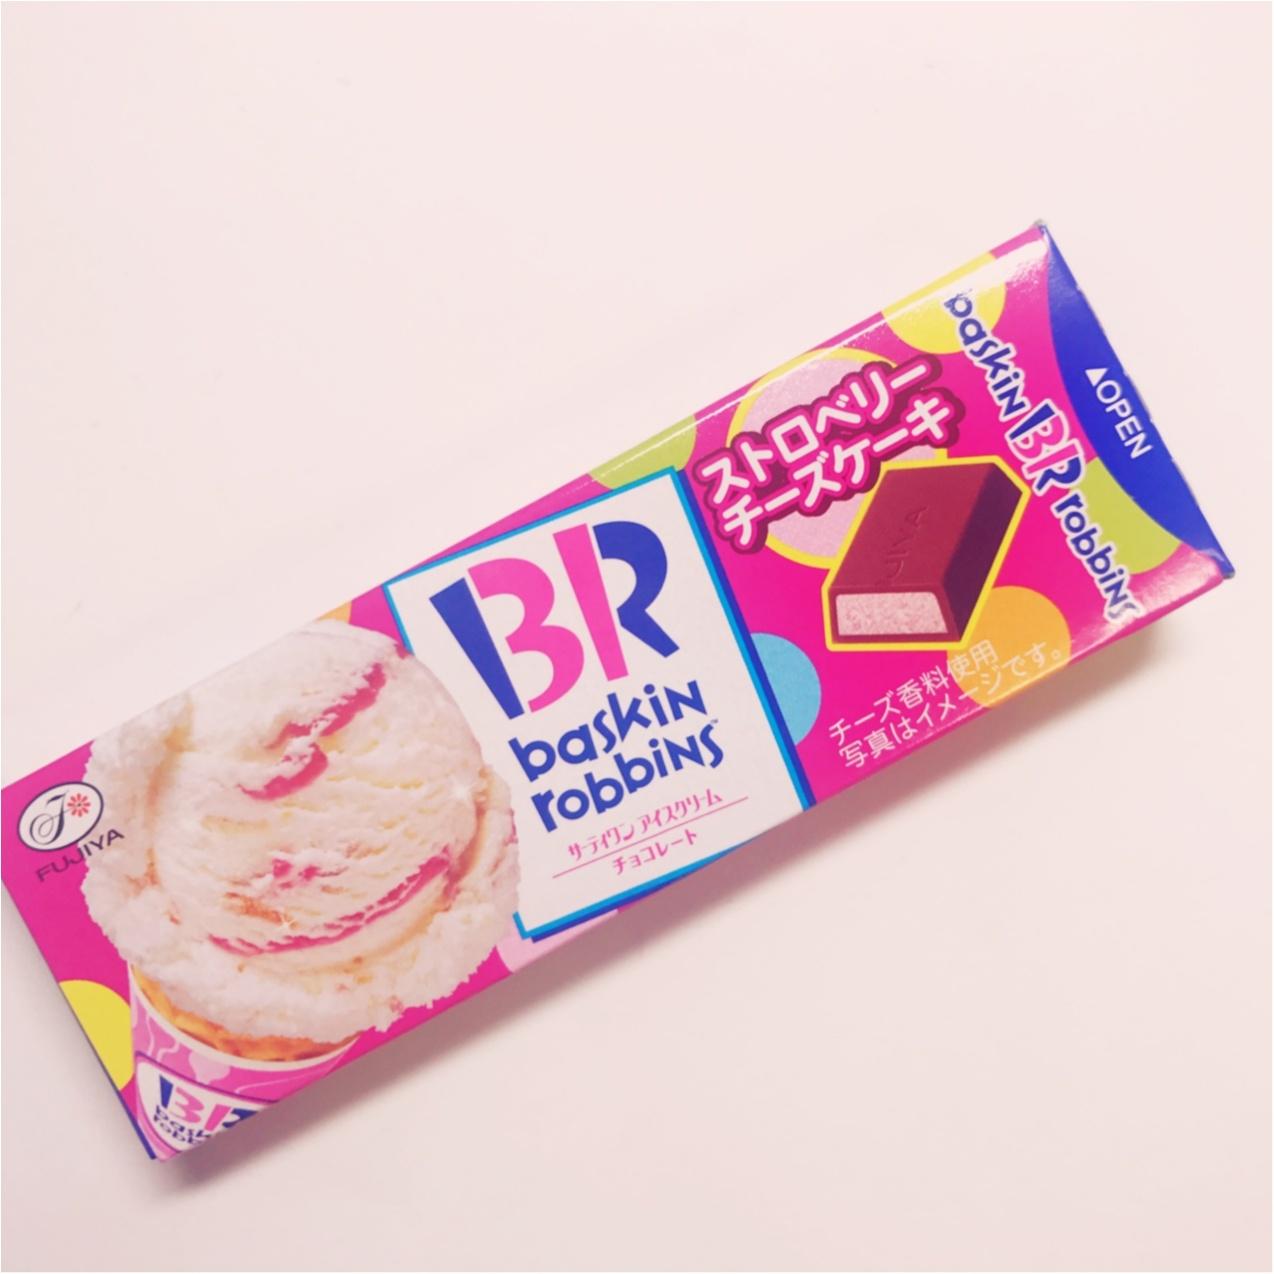 31の人気フレーバー【ストロベリーチーズケーキ】がチョコレートになっちゃった♡_1